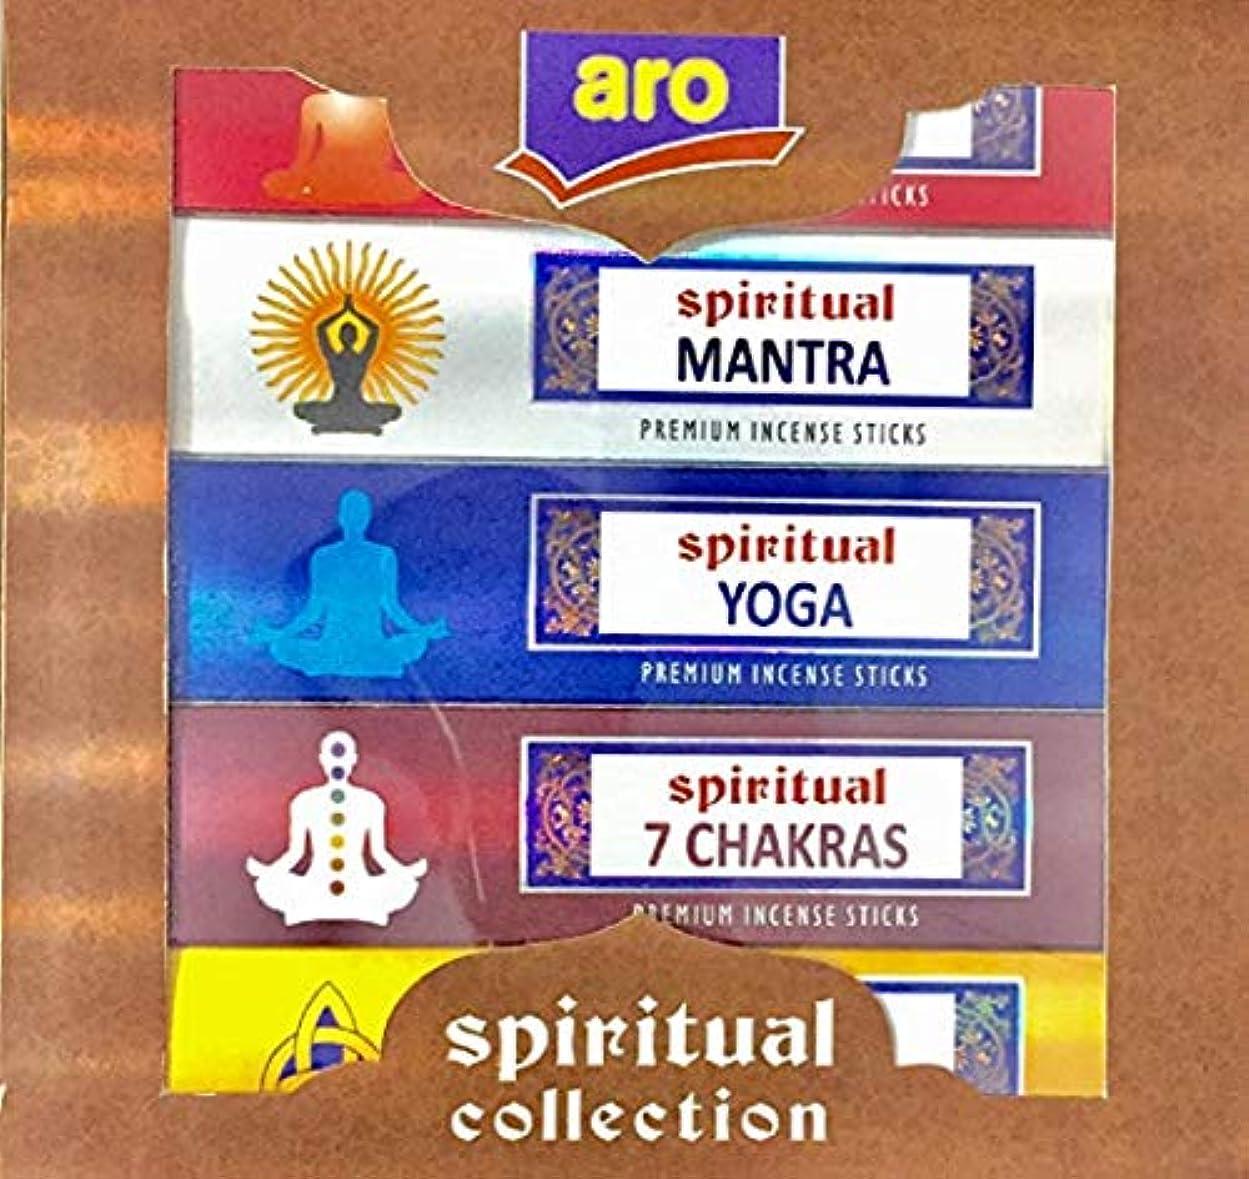 ゴネリル支援する肘Aro – SpiritualコレクションプレミアムIncense Sticks – Spiritual Guru、Spiritual Mantra Spiritualヨガ、Spiritual、7チャクラ、& Spiritual...